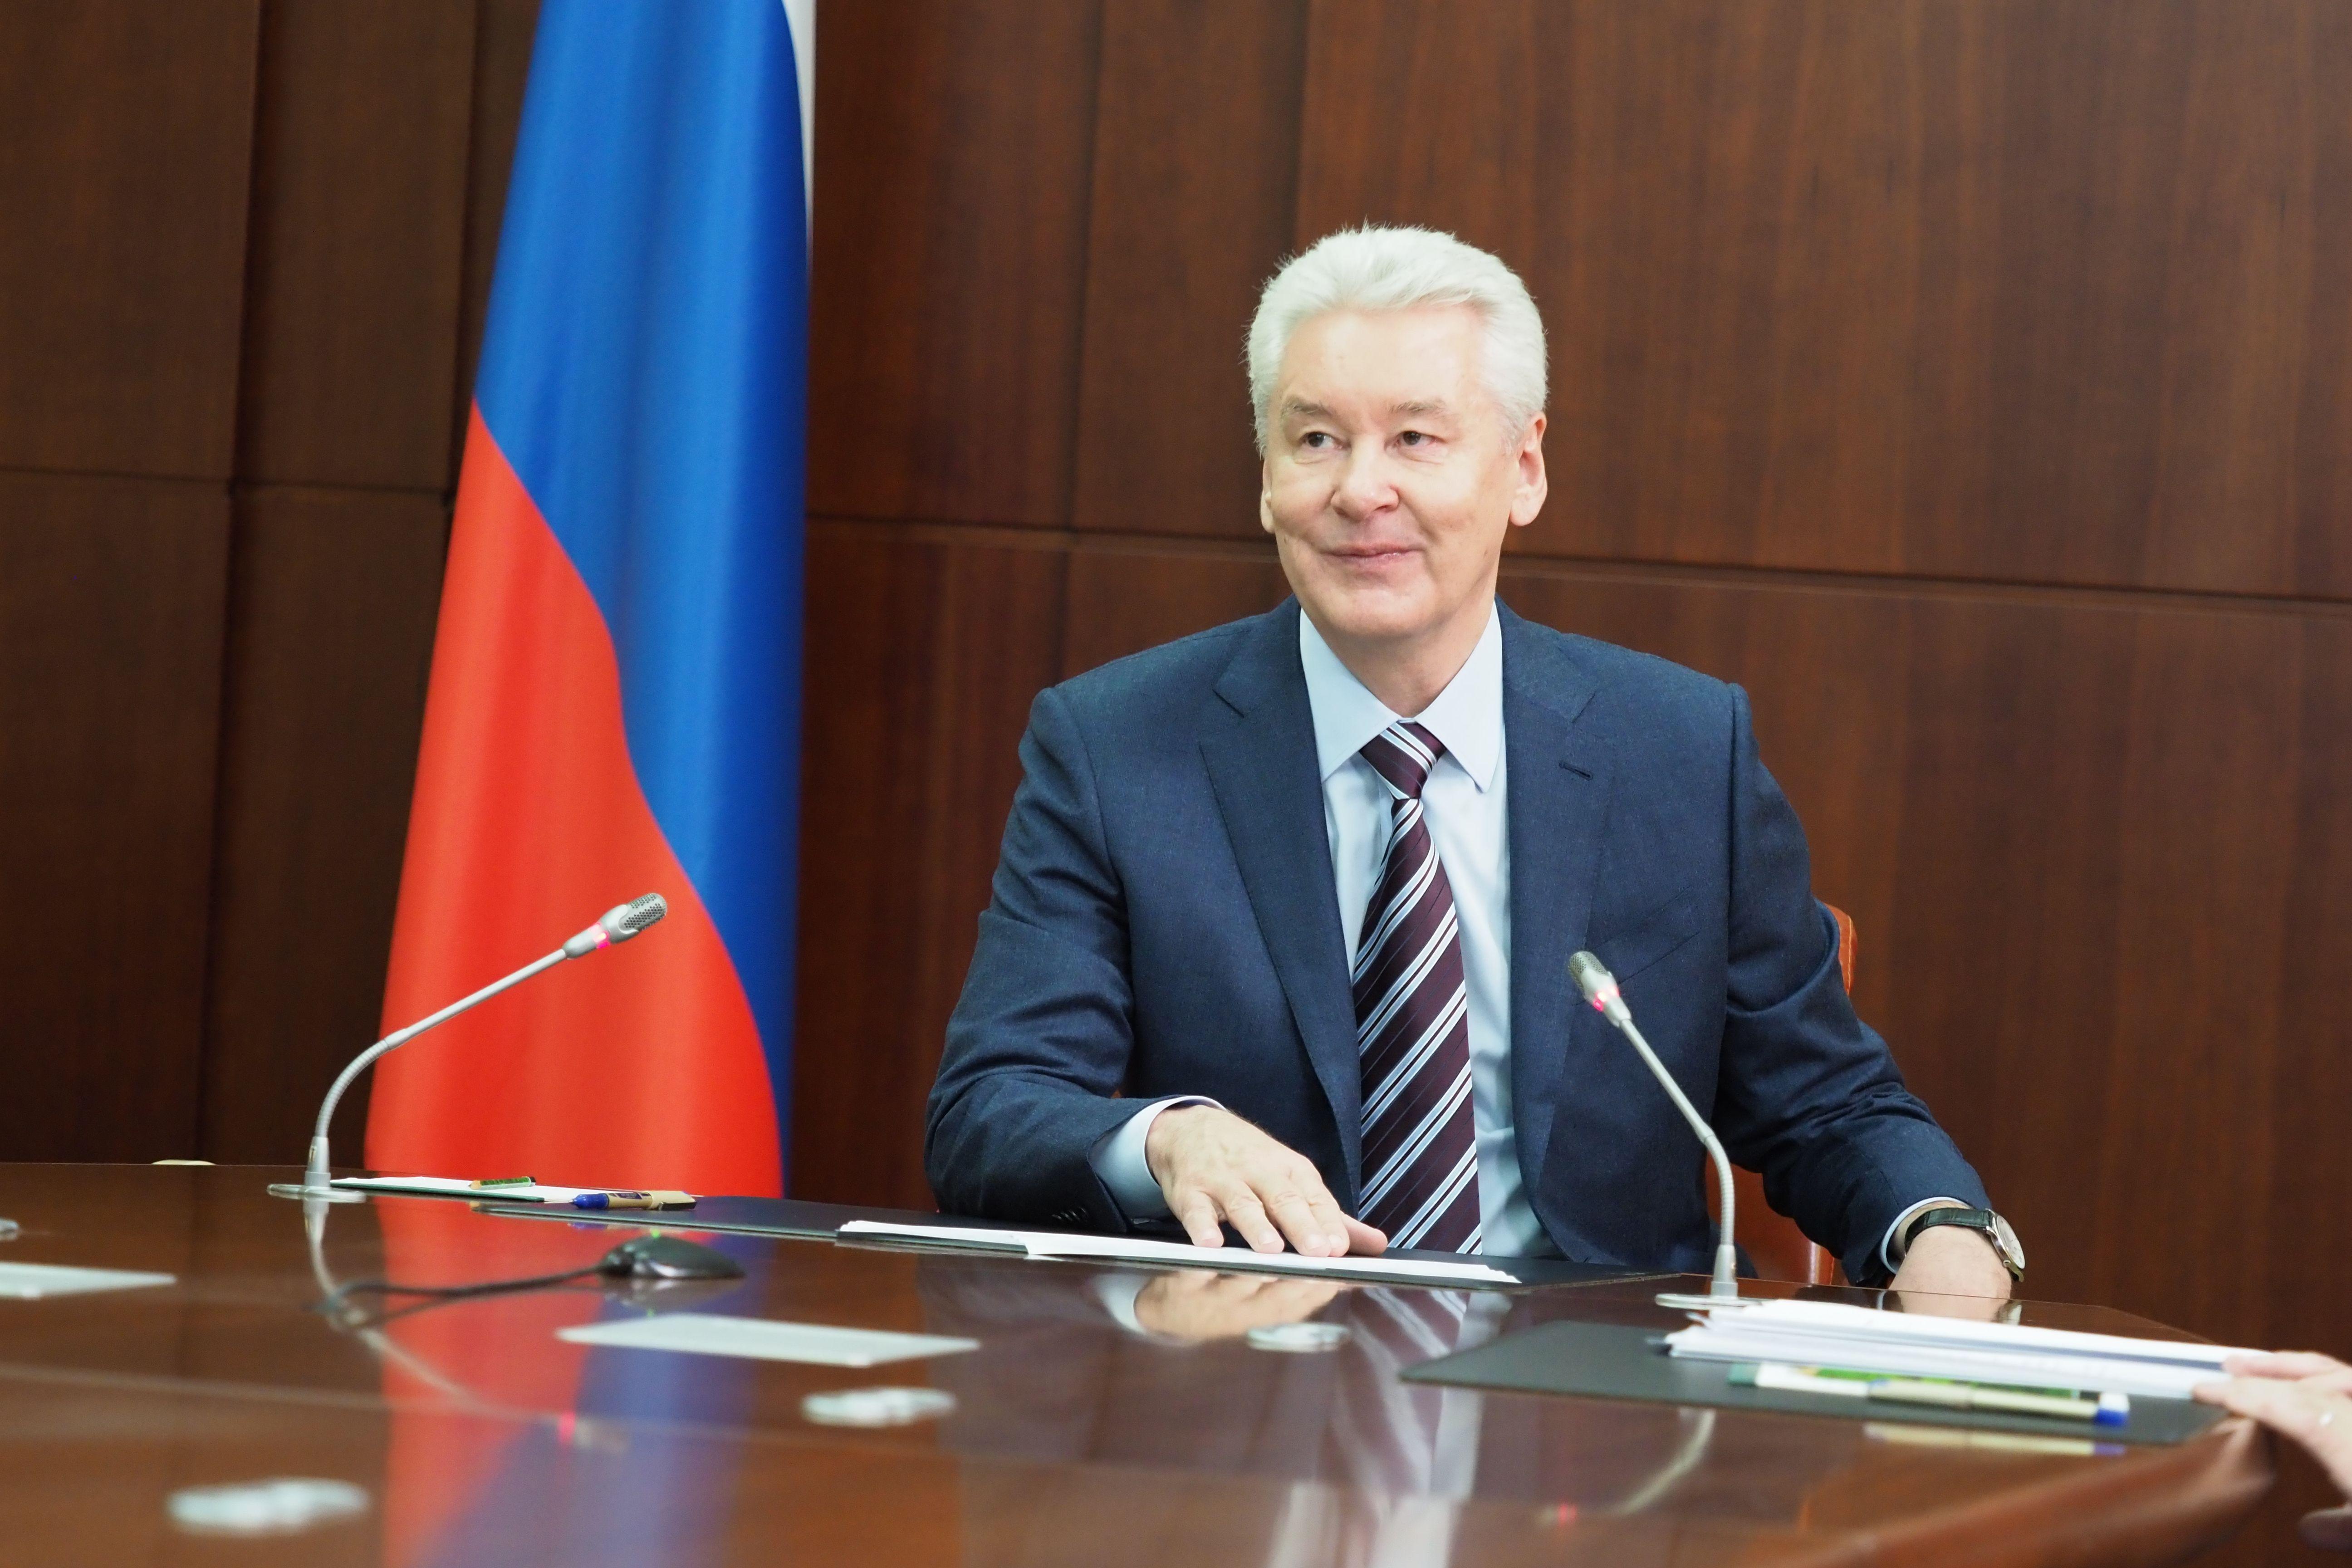 Собянин продлил проведение ежегодного фестиваля «Круг света» до 2021 года